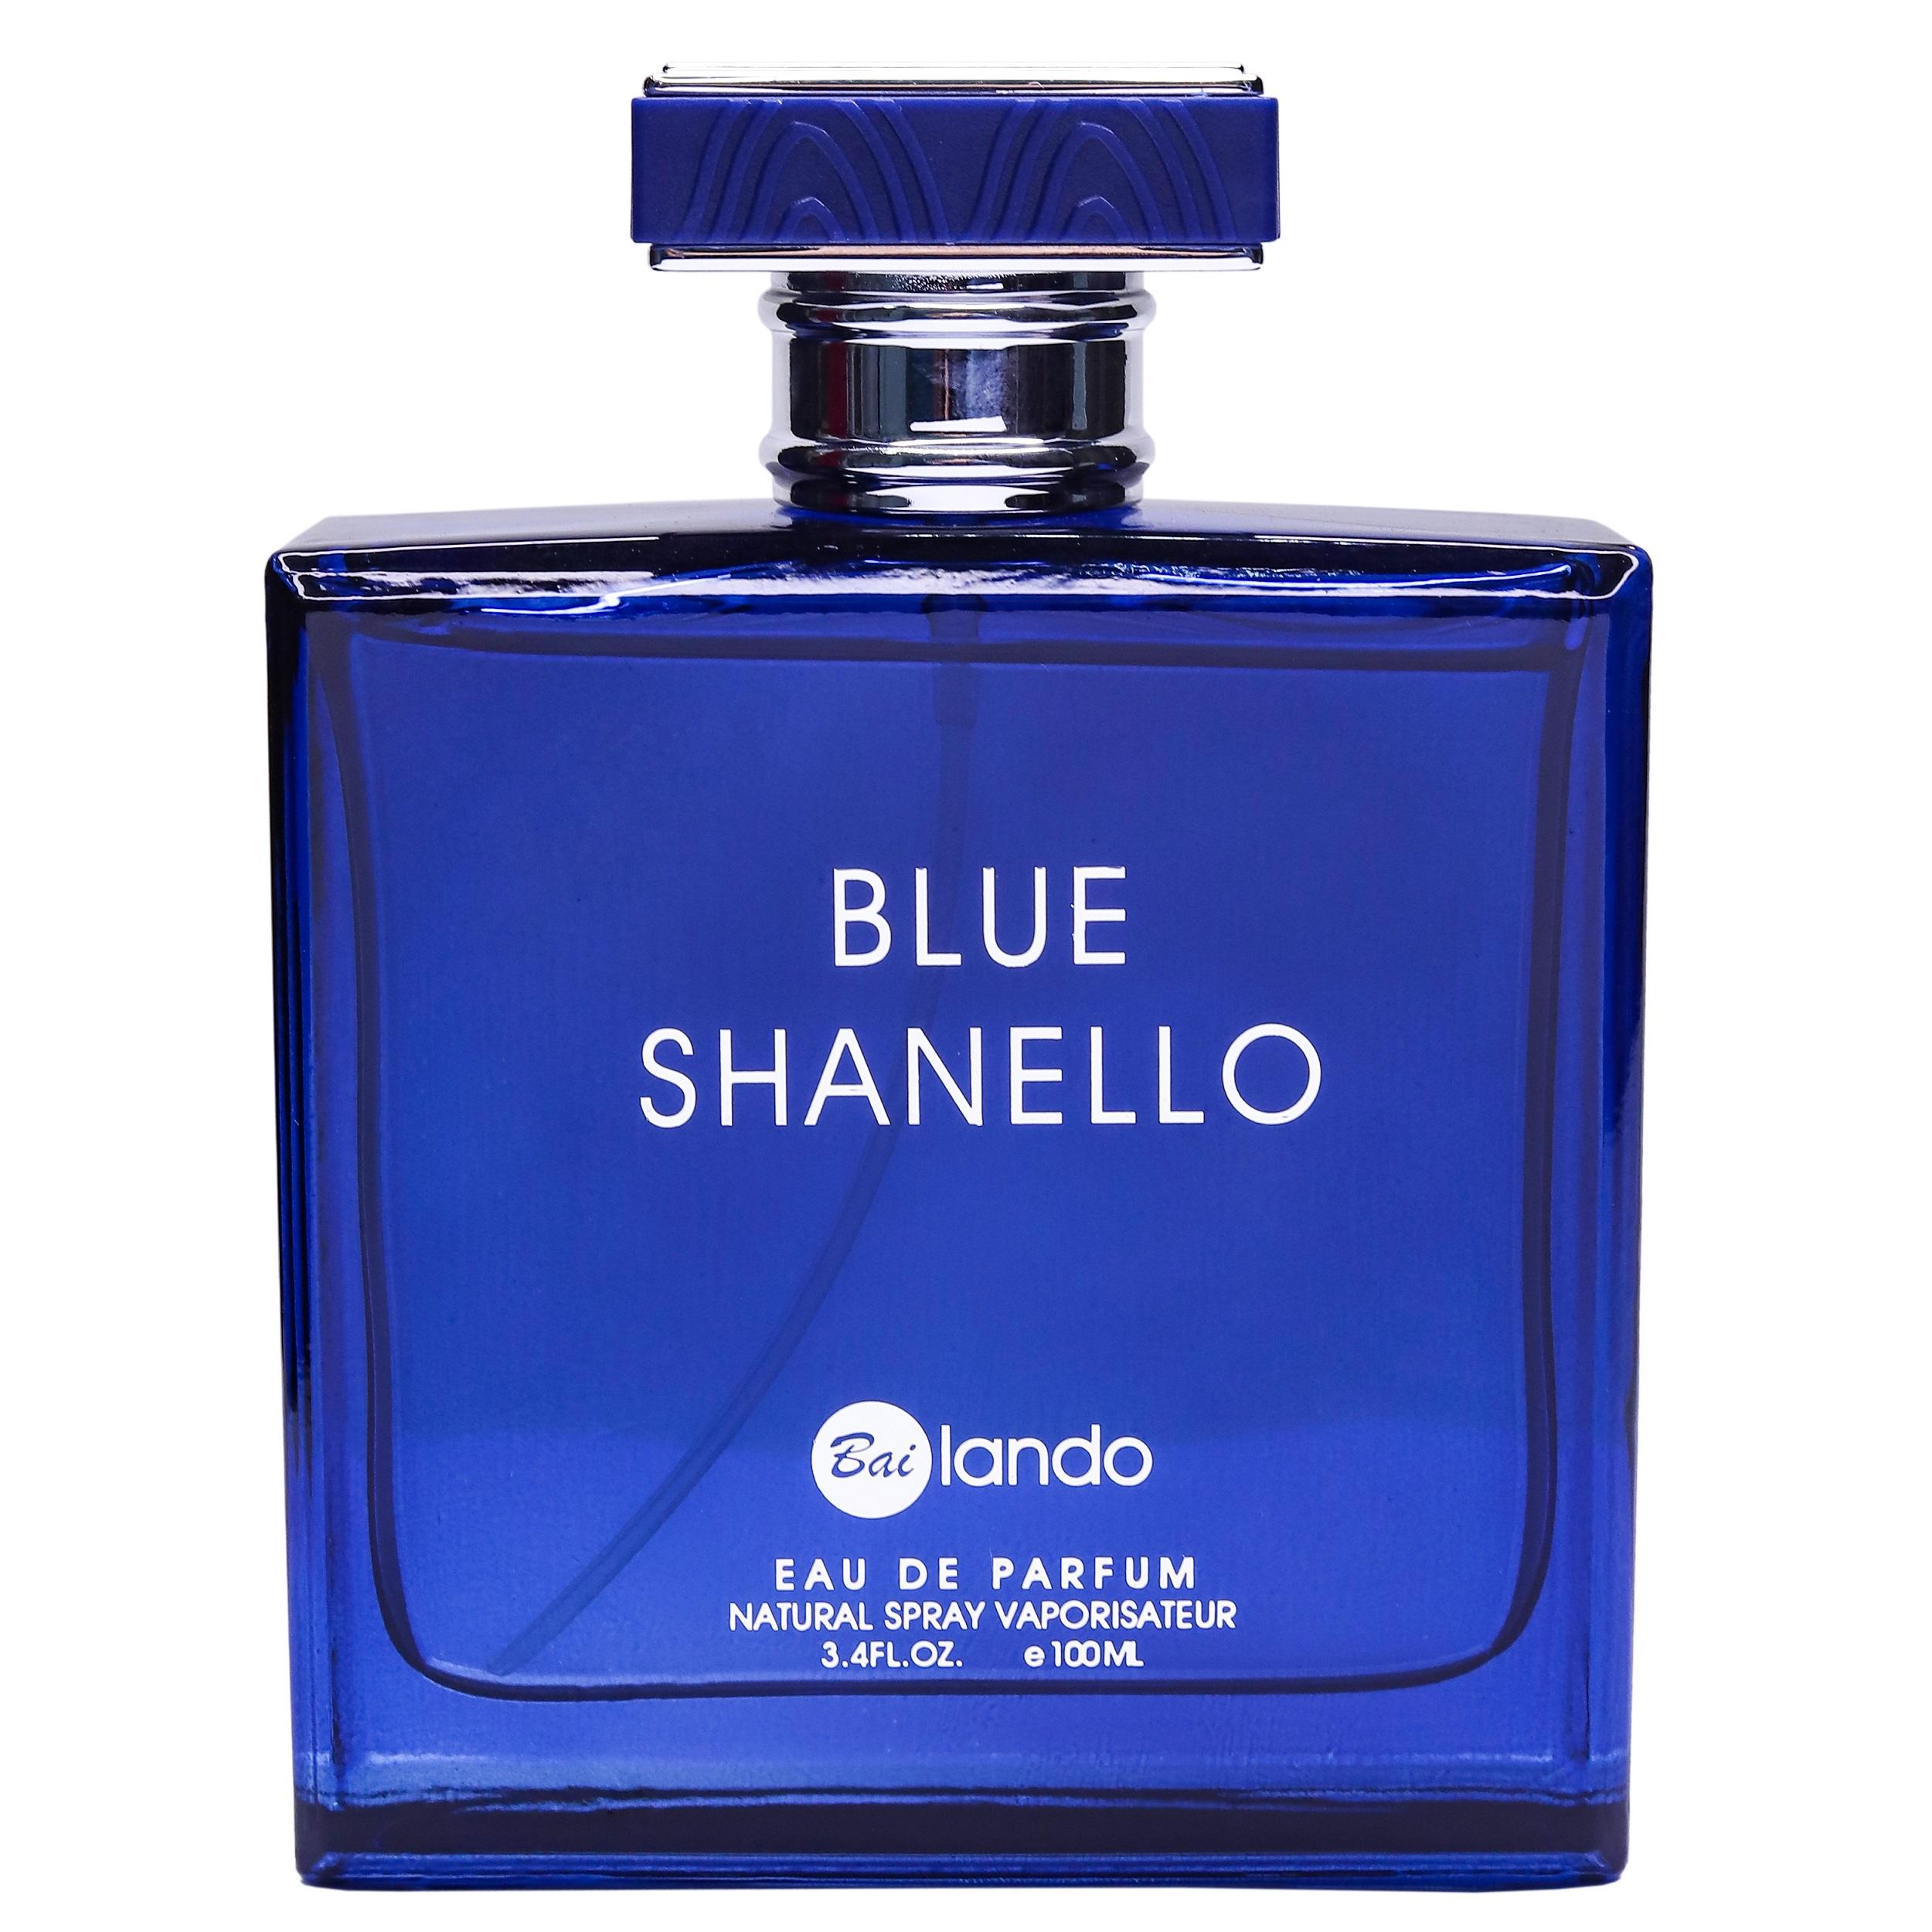 ادو پرفیوم مردانه بای لندو مدل Blue Sanello حجم 100 میلی لیتر